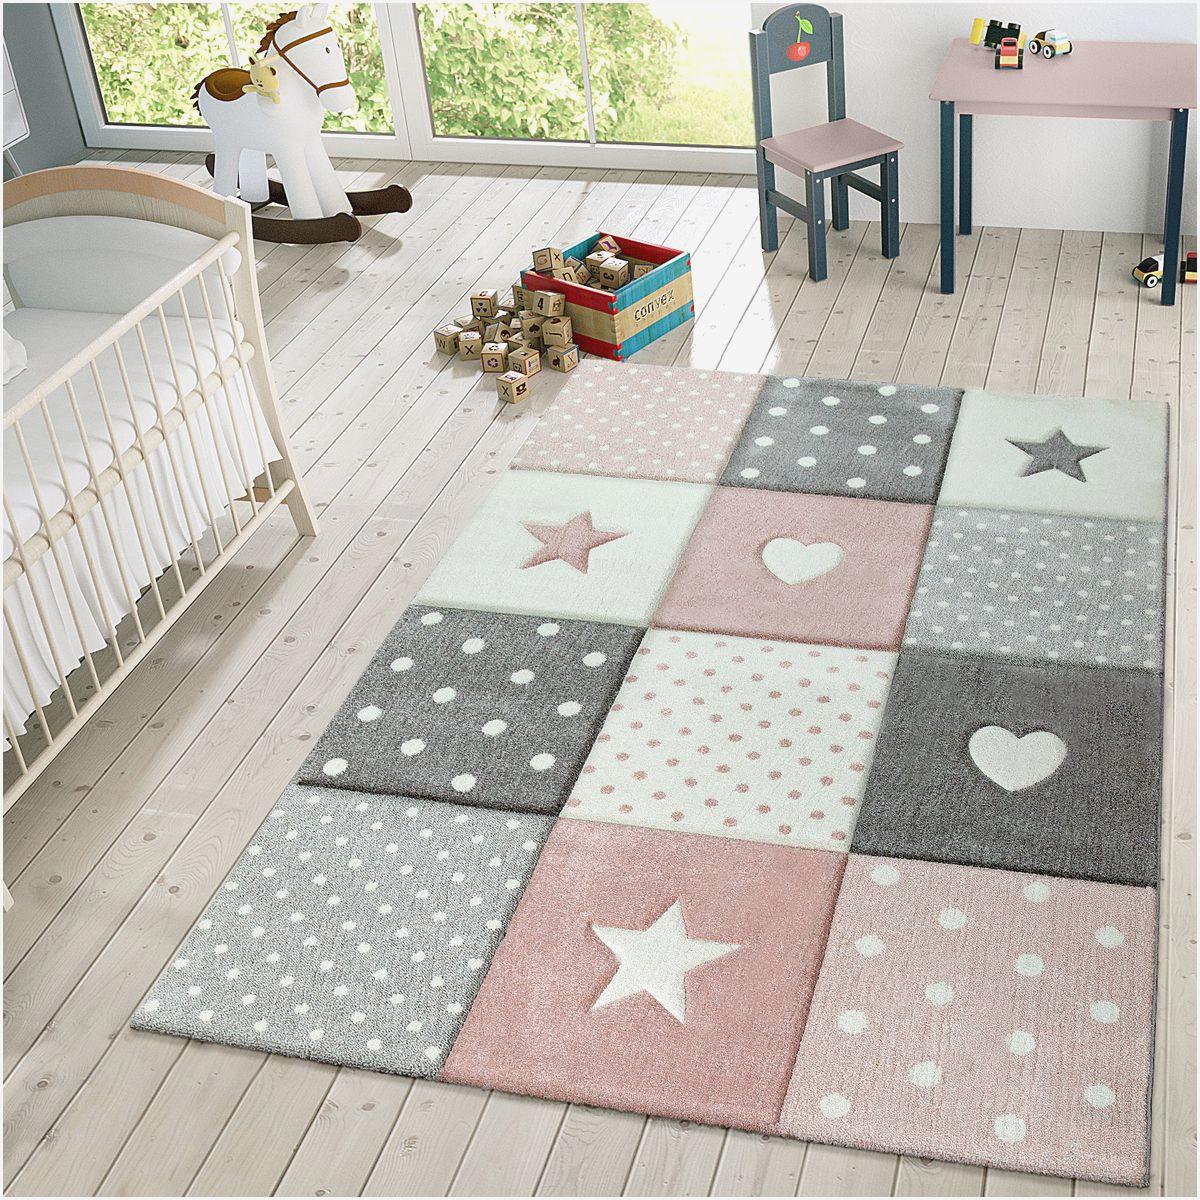 Full Size of Carpetia Teppich Kinderzimmer Babyzimmer Junge Regale Sofa Regal Weiß Kinderzimmer Teppichboden Kinderzimmer